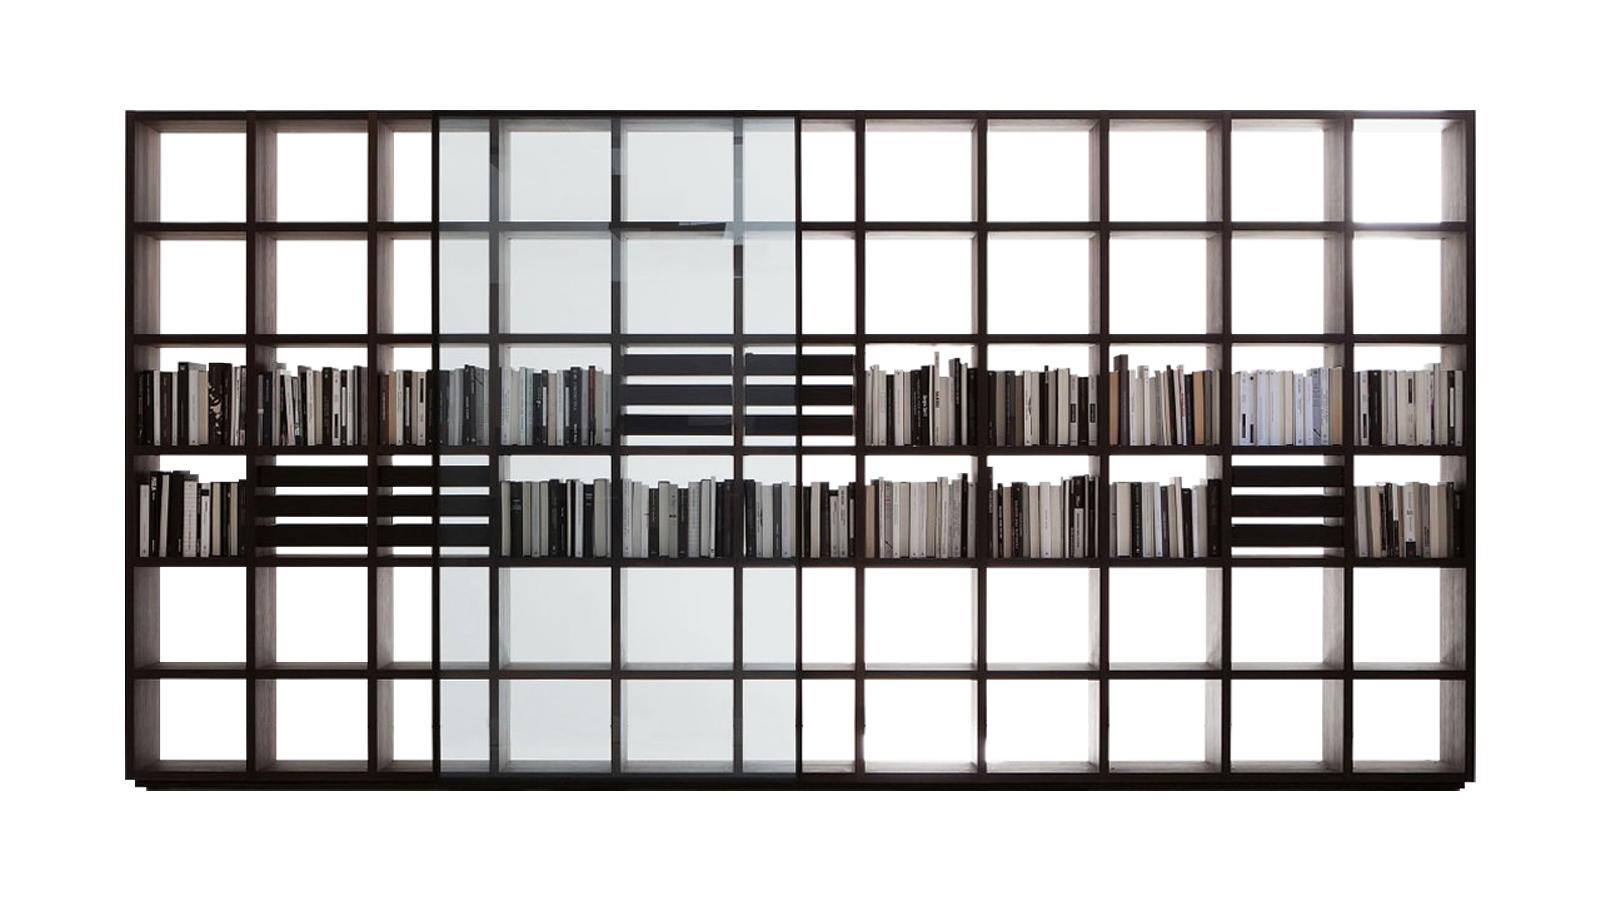 Sokoldalúság, flexibilitás és intelligencia jellemzi a Piero Lissoni tervezte System Modular polcrendszert, melynek darabjai állhatnak térben, elválasztó elemként, de futhatnak falak mentén is, aszerint, hogy az adott térbe hogyan illik leginkább. Variációi és kiegészítői között szerepel tv-takaró elem, eltolható üvegpanel vagy a magasabban elhelyezkedő polcokhoz vezető létra is. Variabilitása miatt tökéletes választás nappaliba és az otthoni iroda bútoraként is.